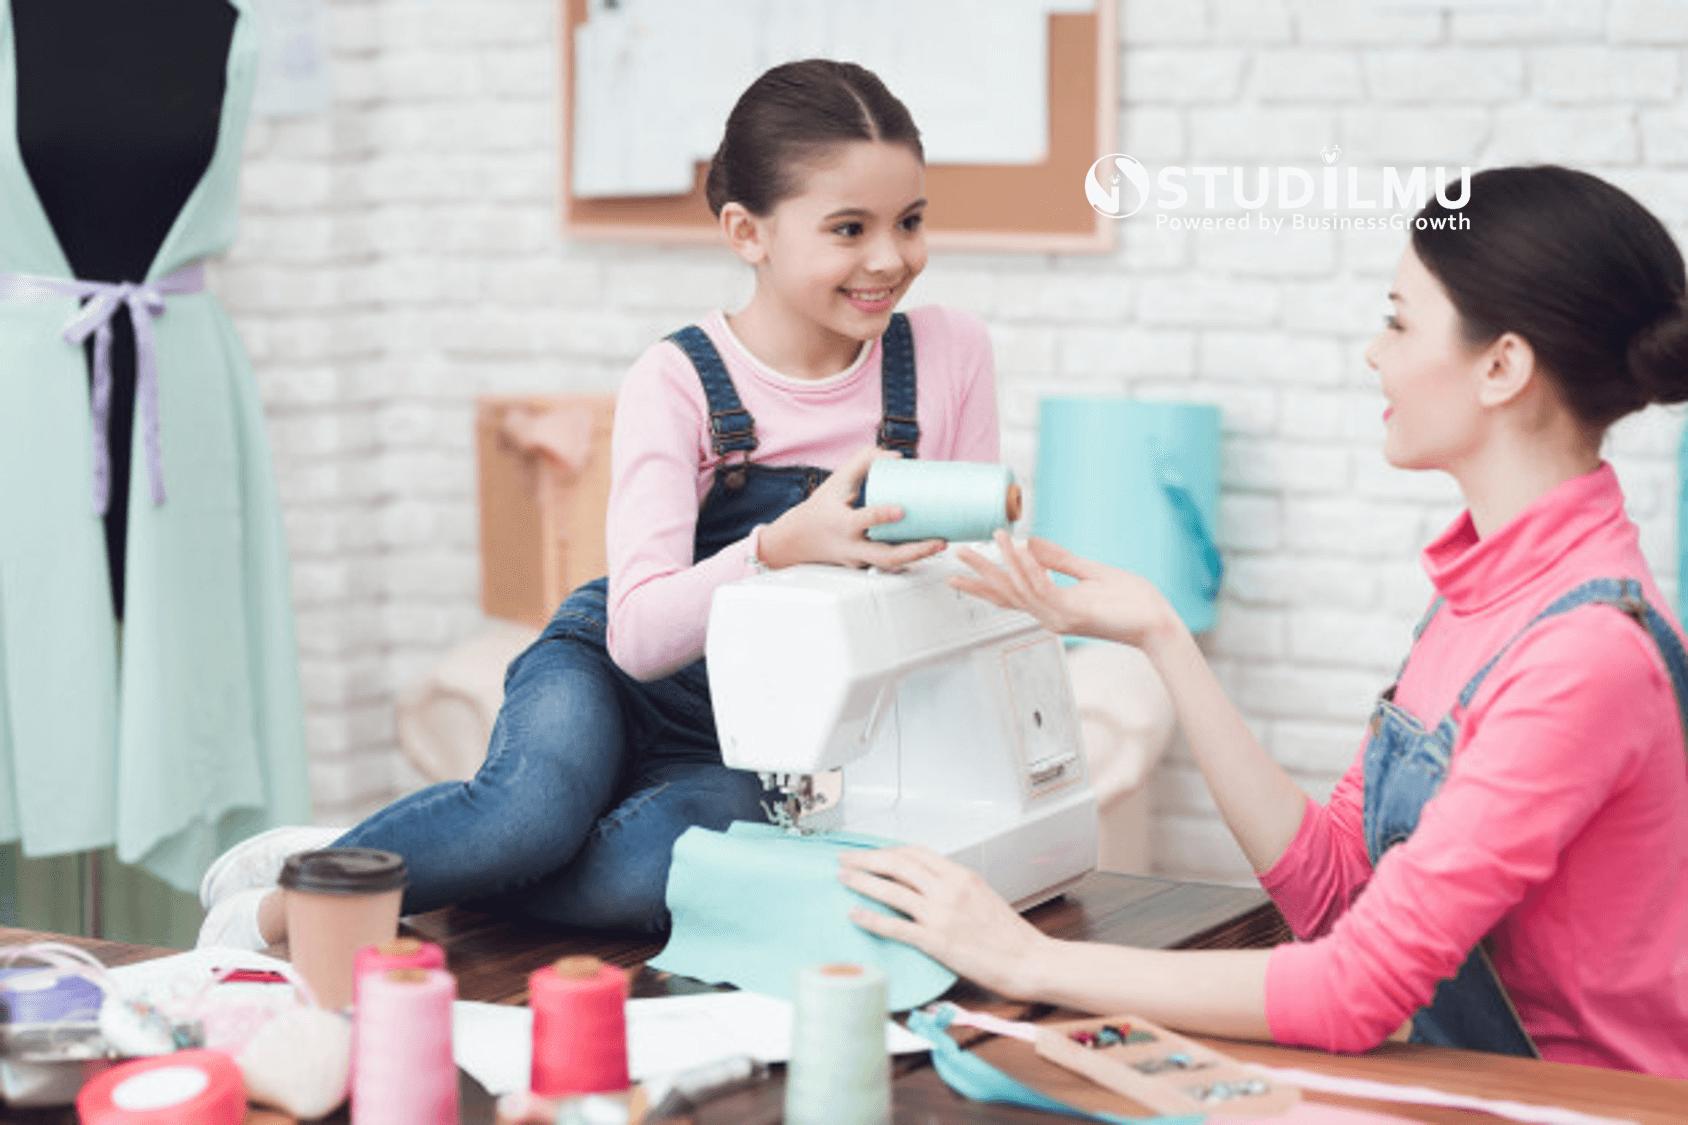 STUDILMU Career Advice - Mengapa Anak-Anak Harus Diajarkan Pola Pikir Kewirausahaan?